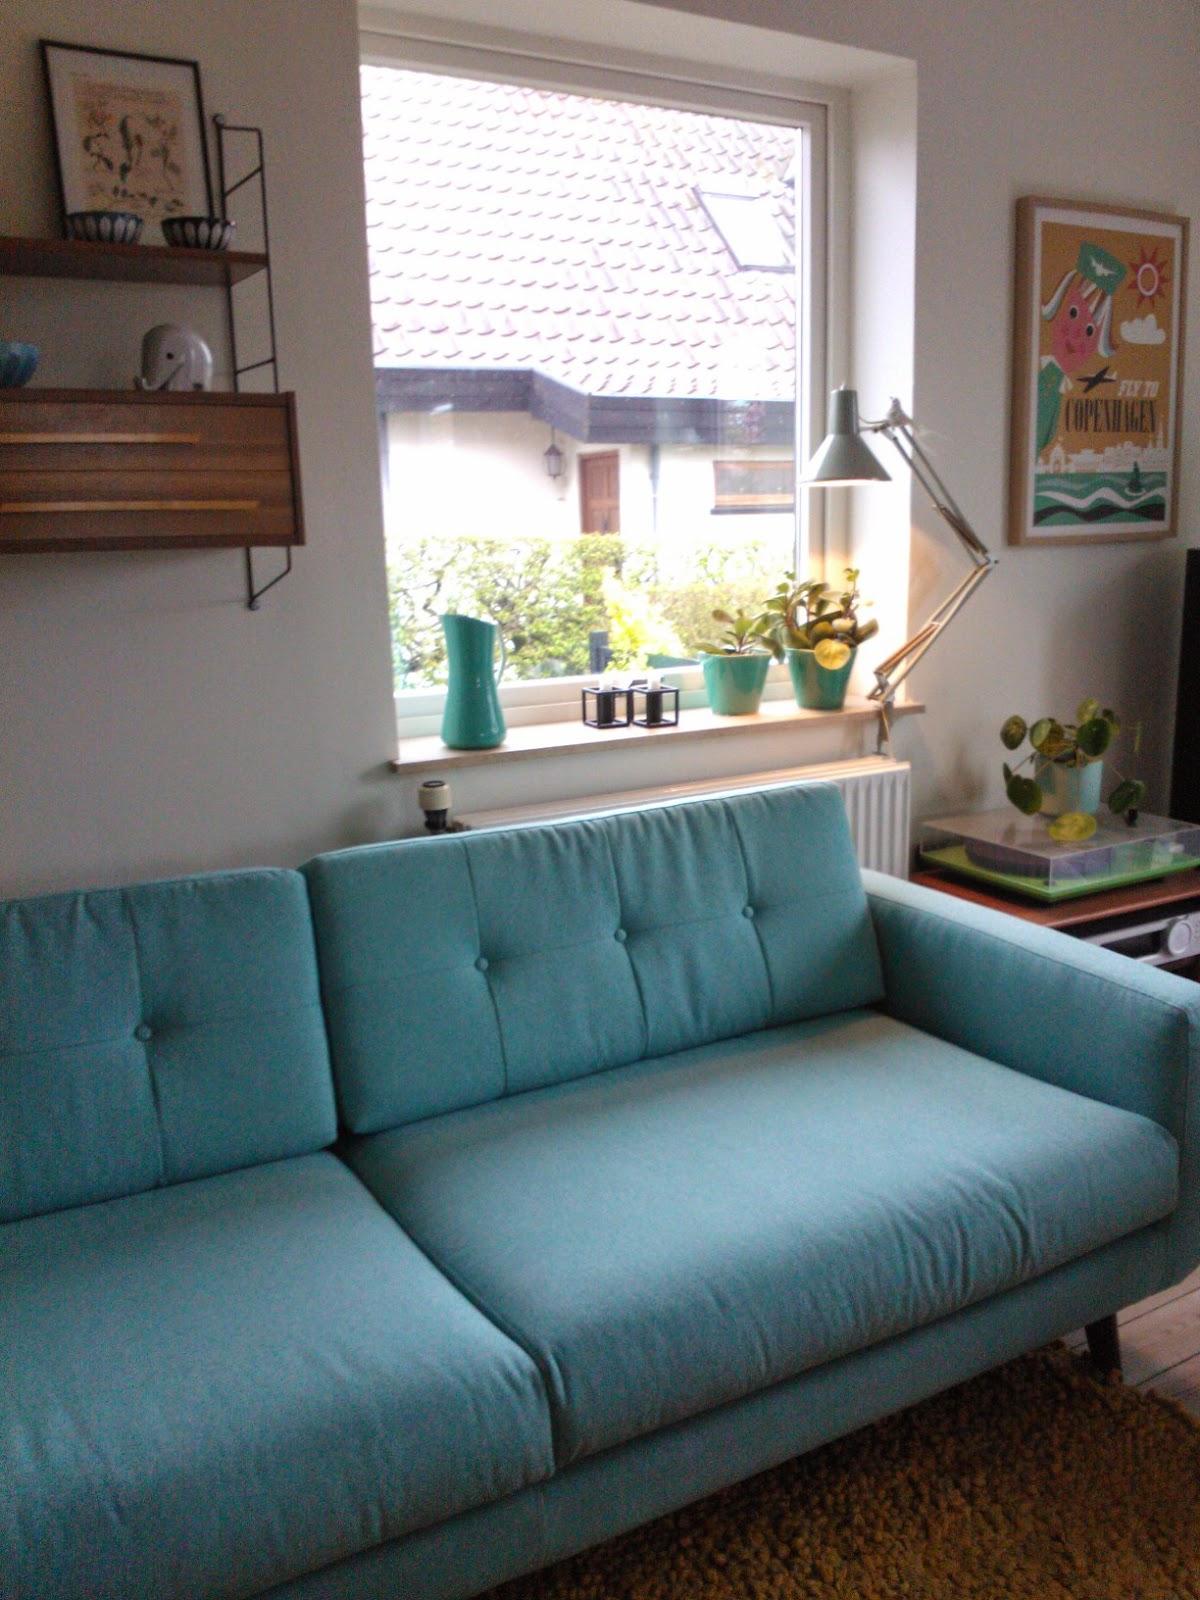 kirkesjov vores turkise sofa. Black Bedroom Furniture Sets. Home Design Ideas